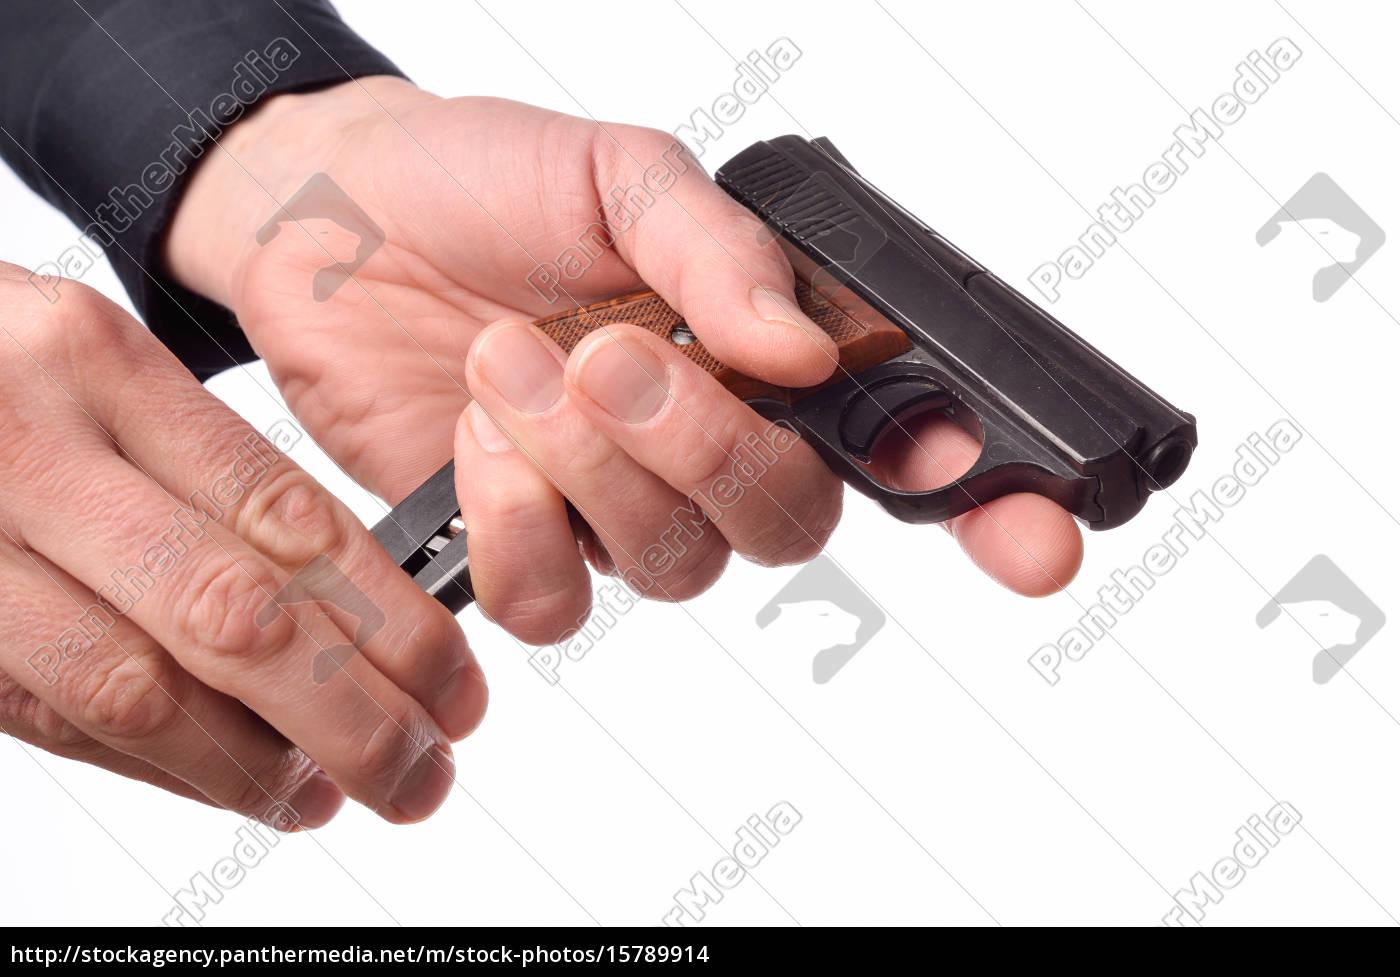 loading, a, handgun - 15789914